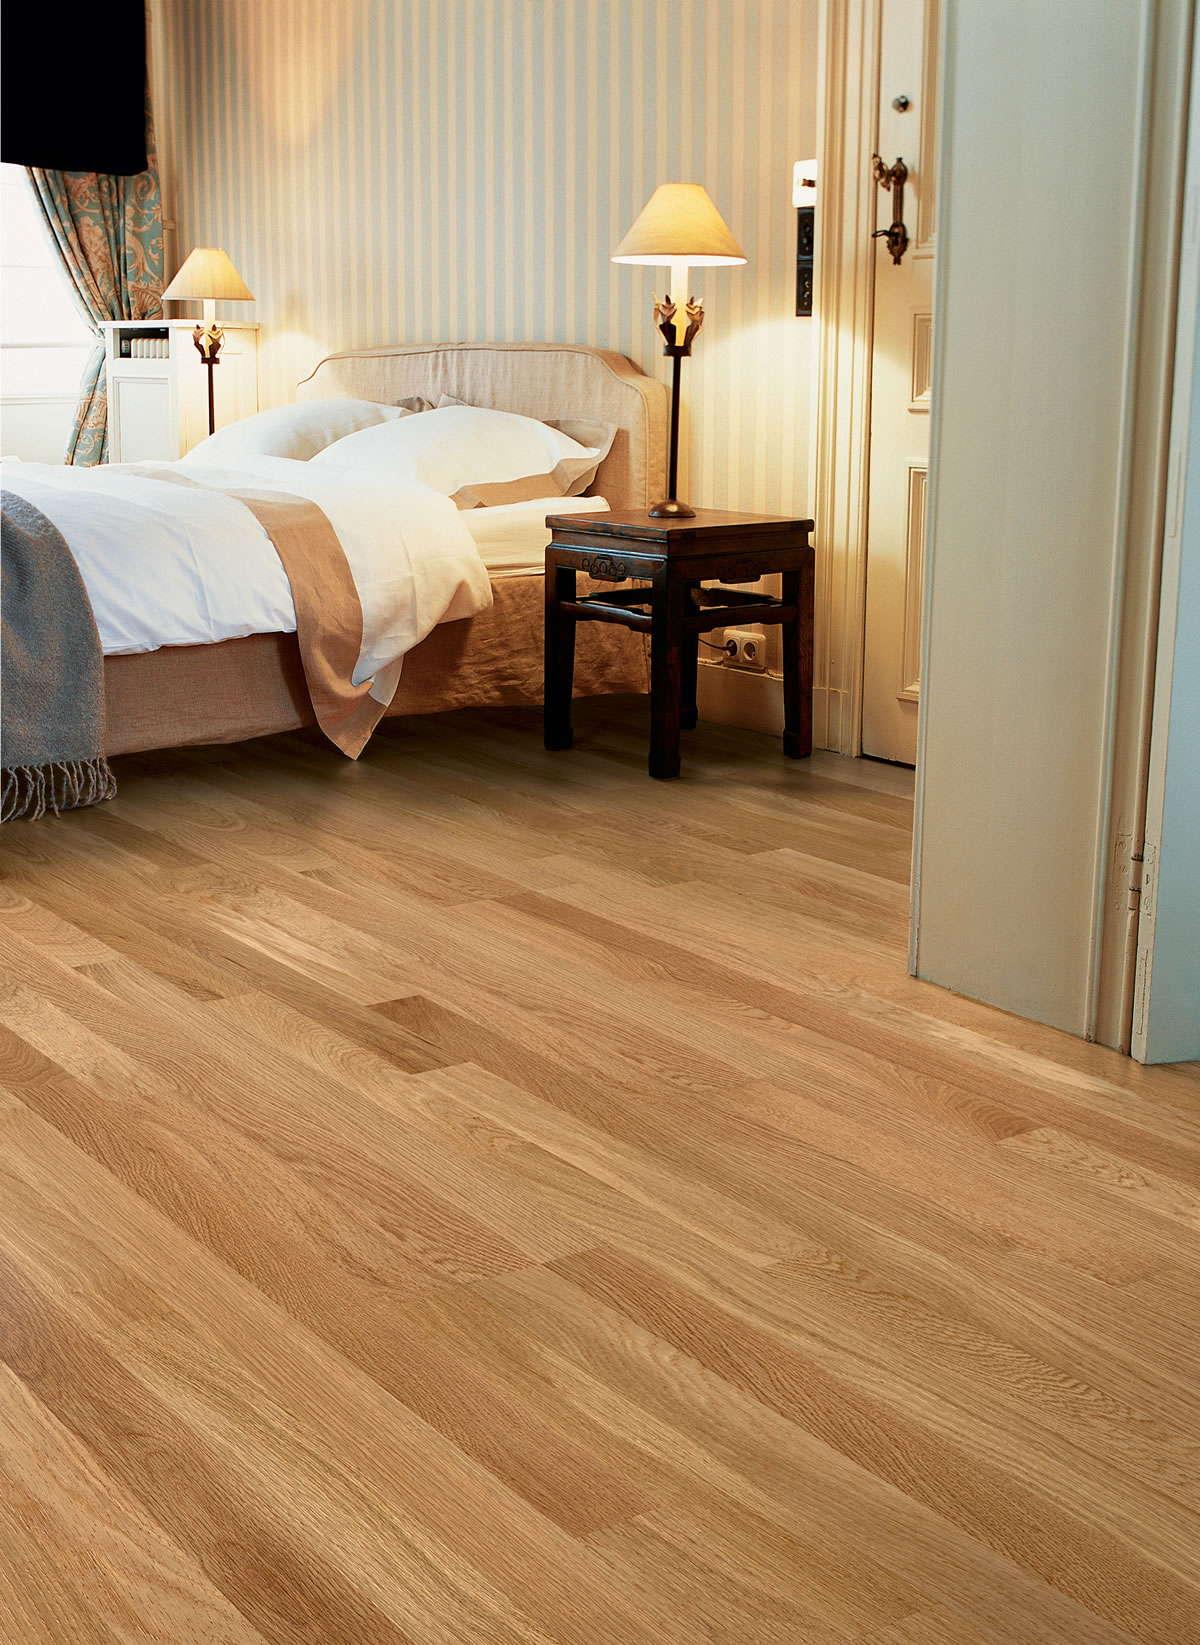 Quickstep villa natural noble oak matt vil1362ls - Decoracion de apartamentos modernos ...